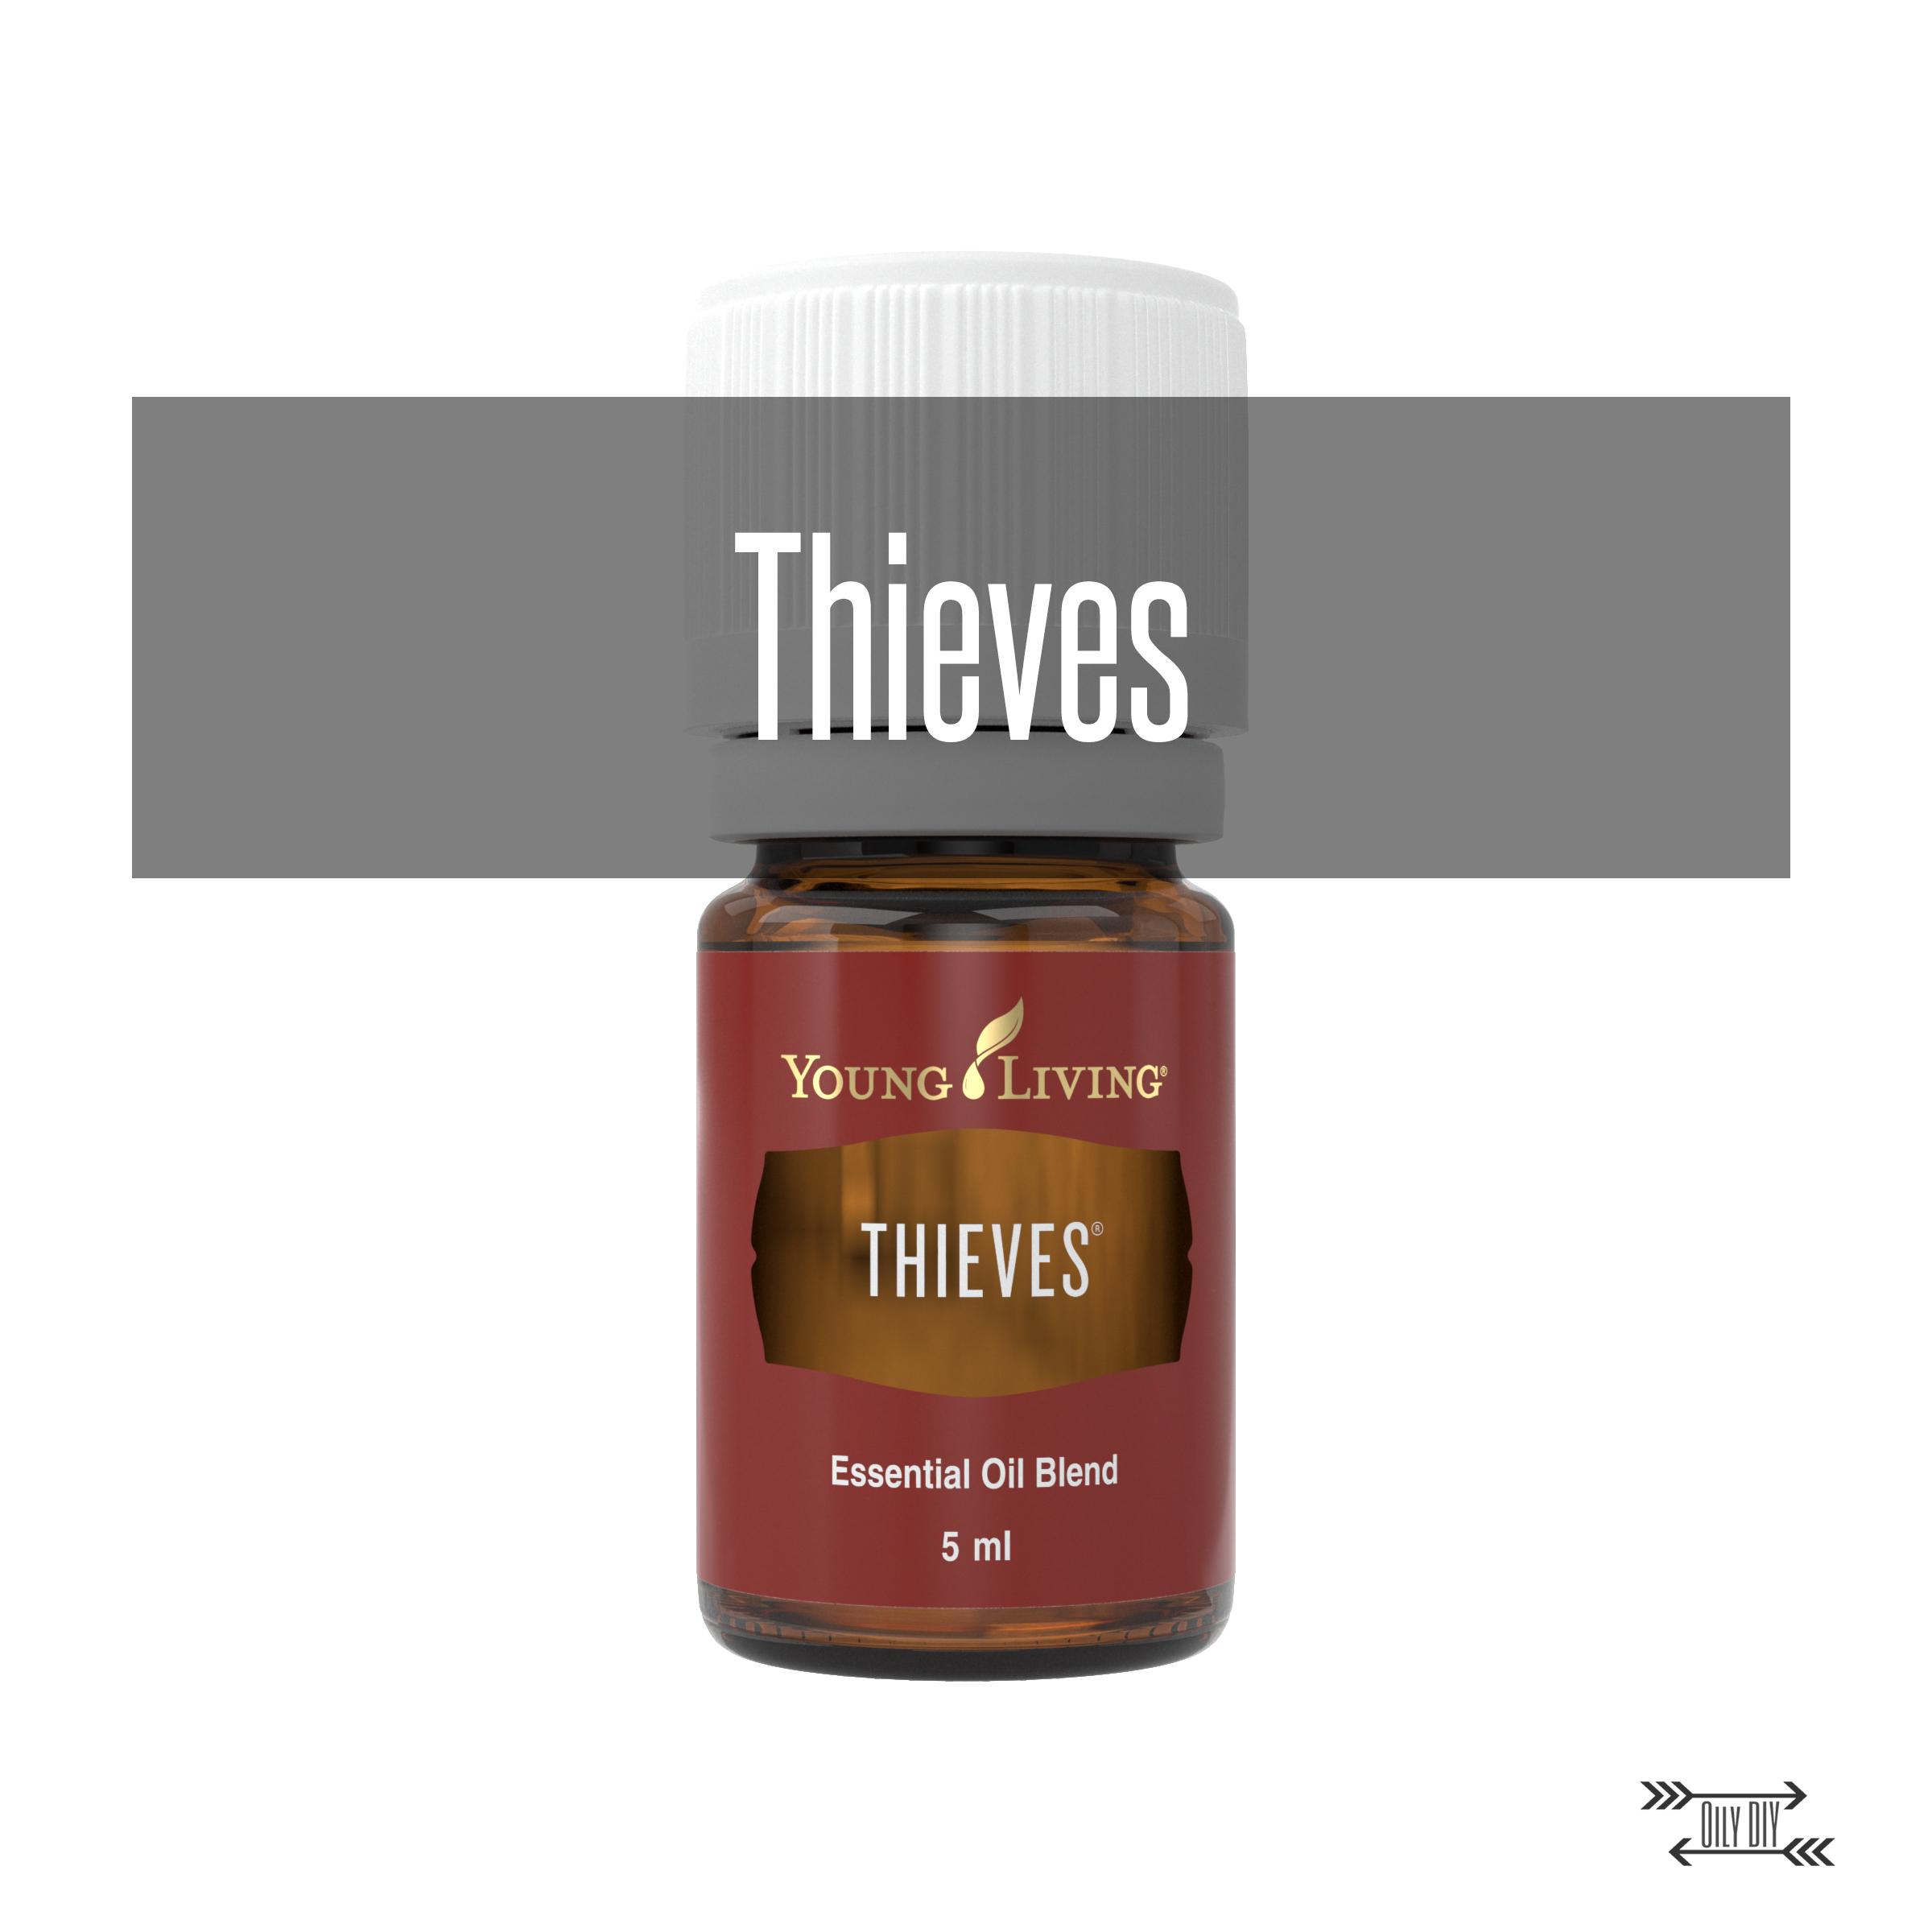 Thieves1Title.jpg